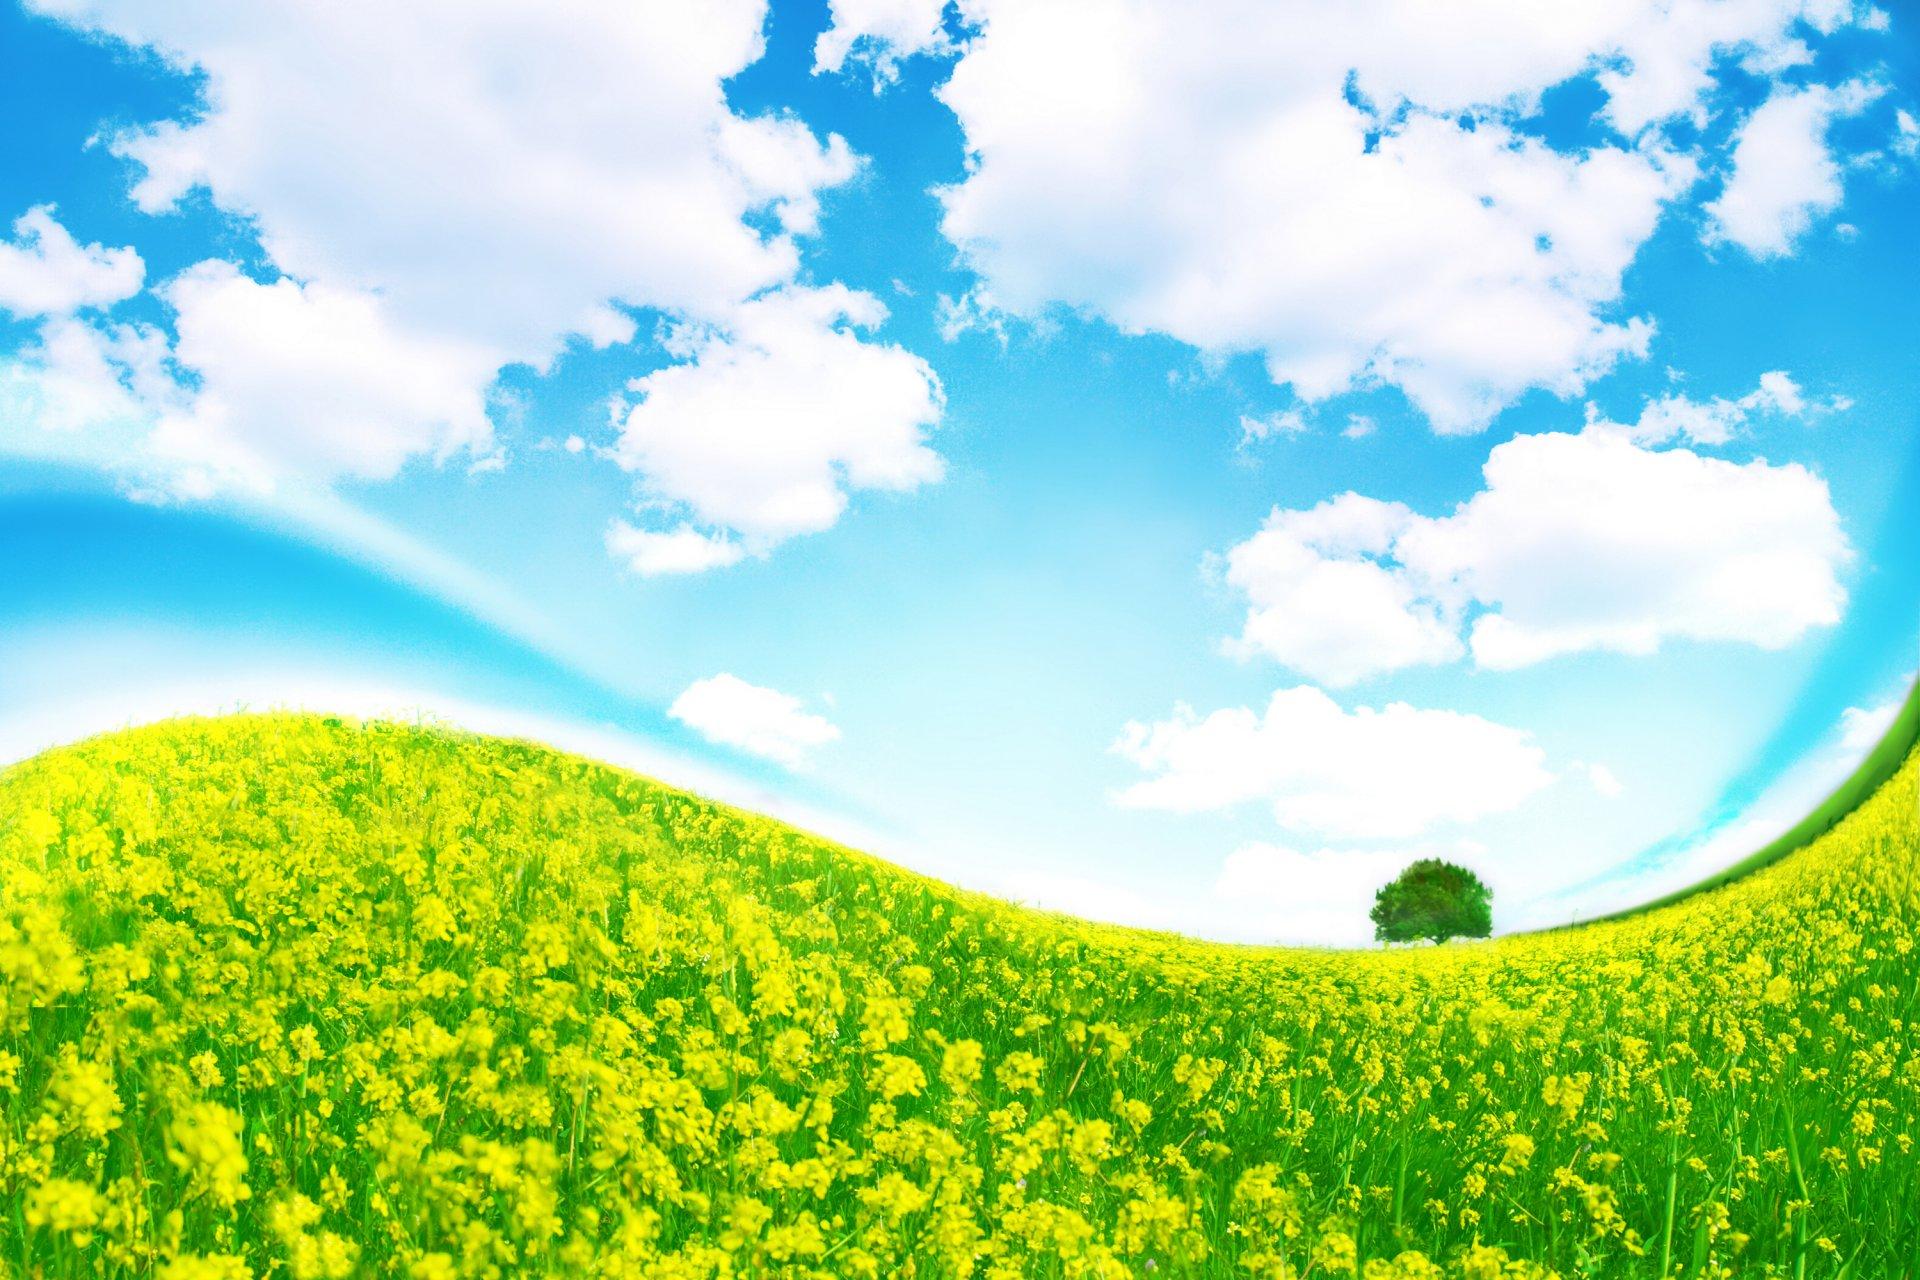 картинки с полянами и облаками